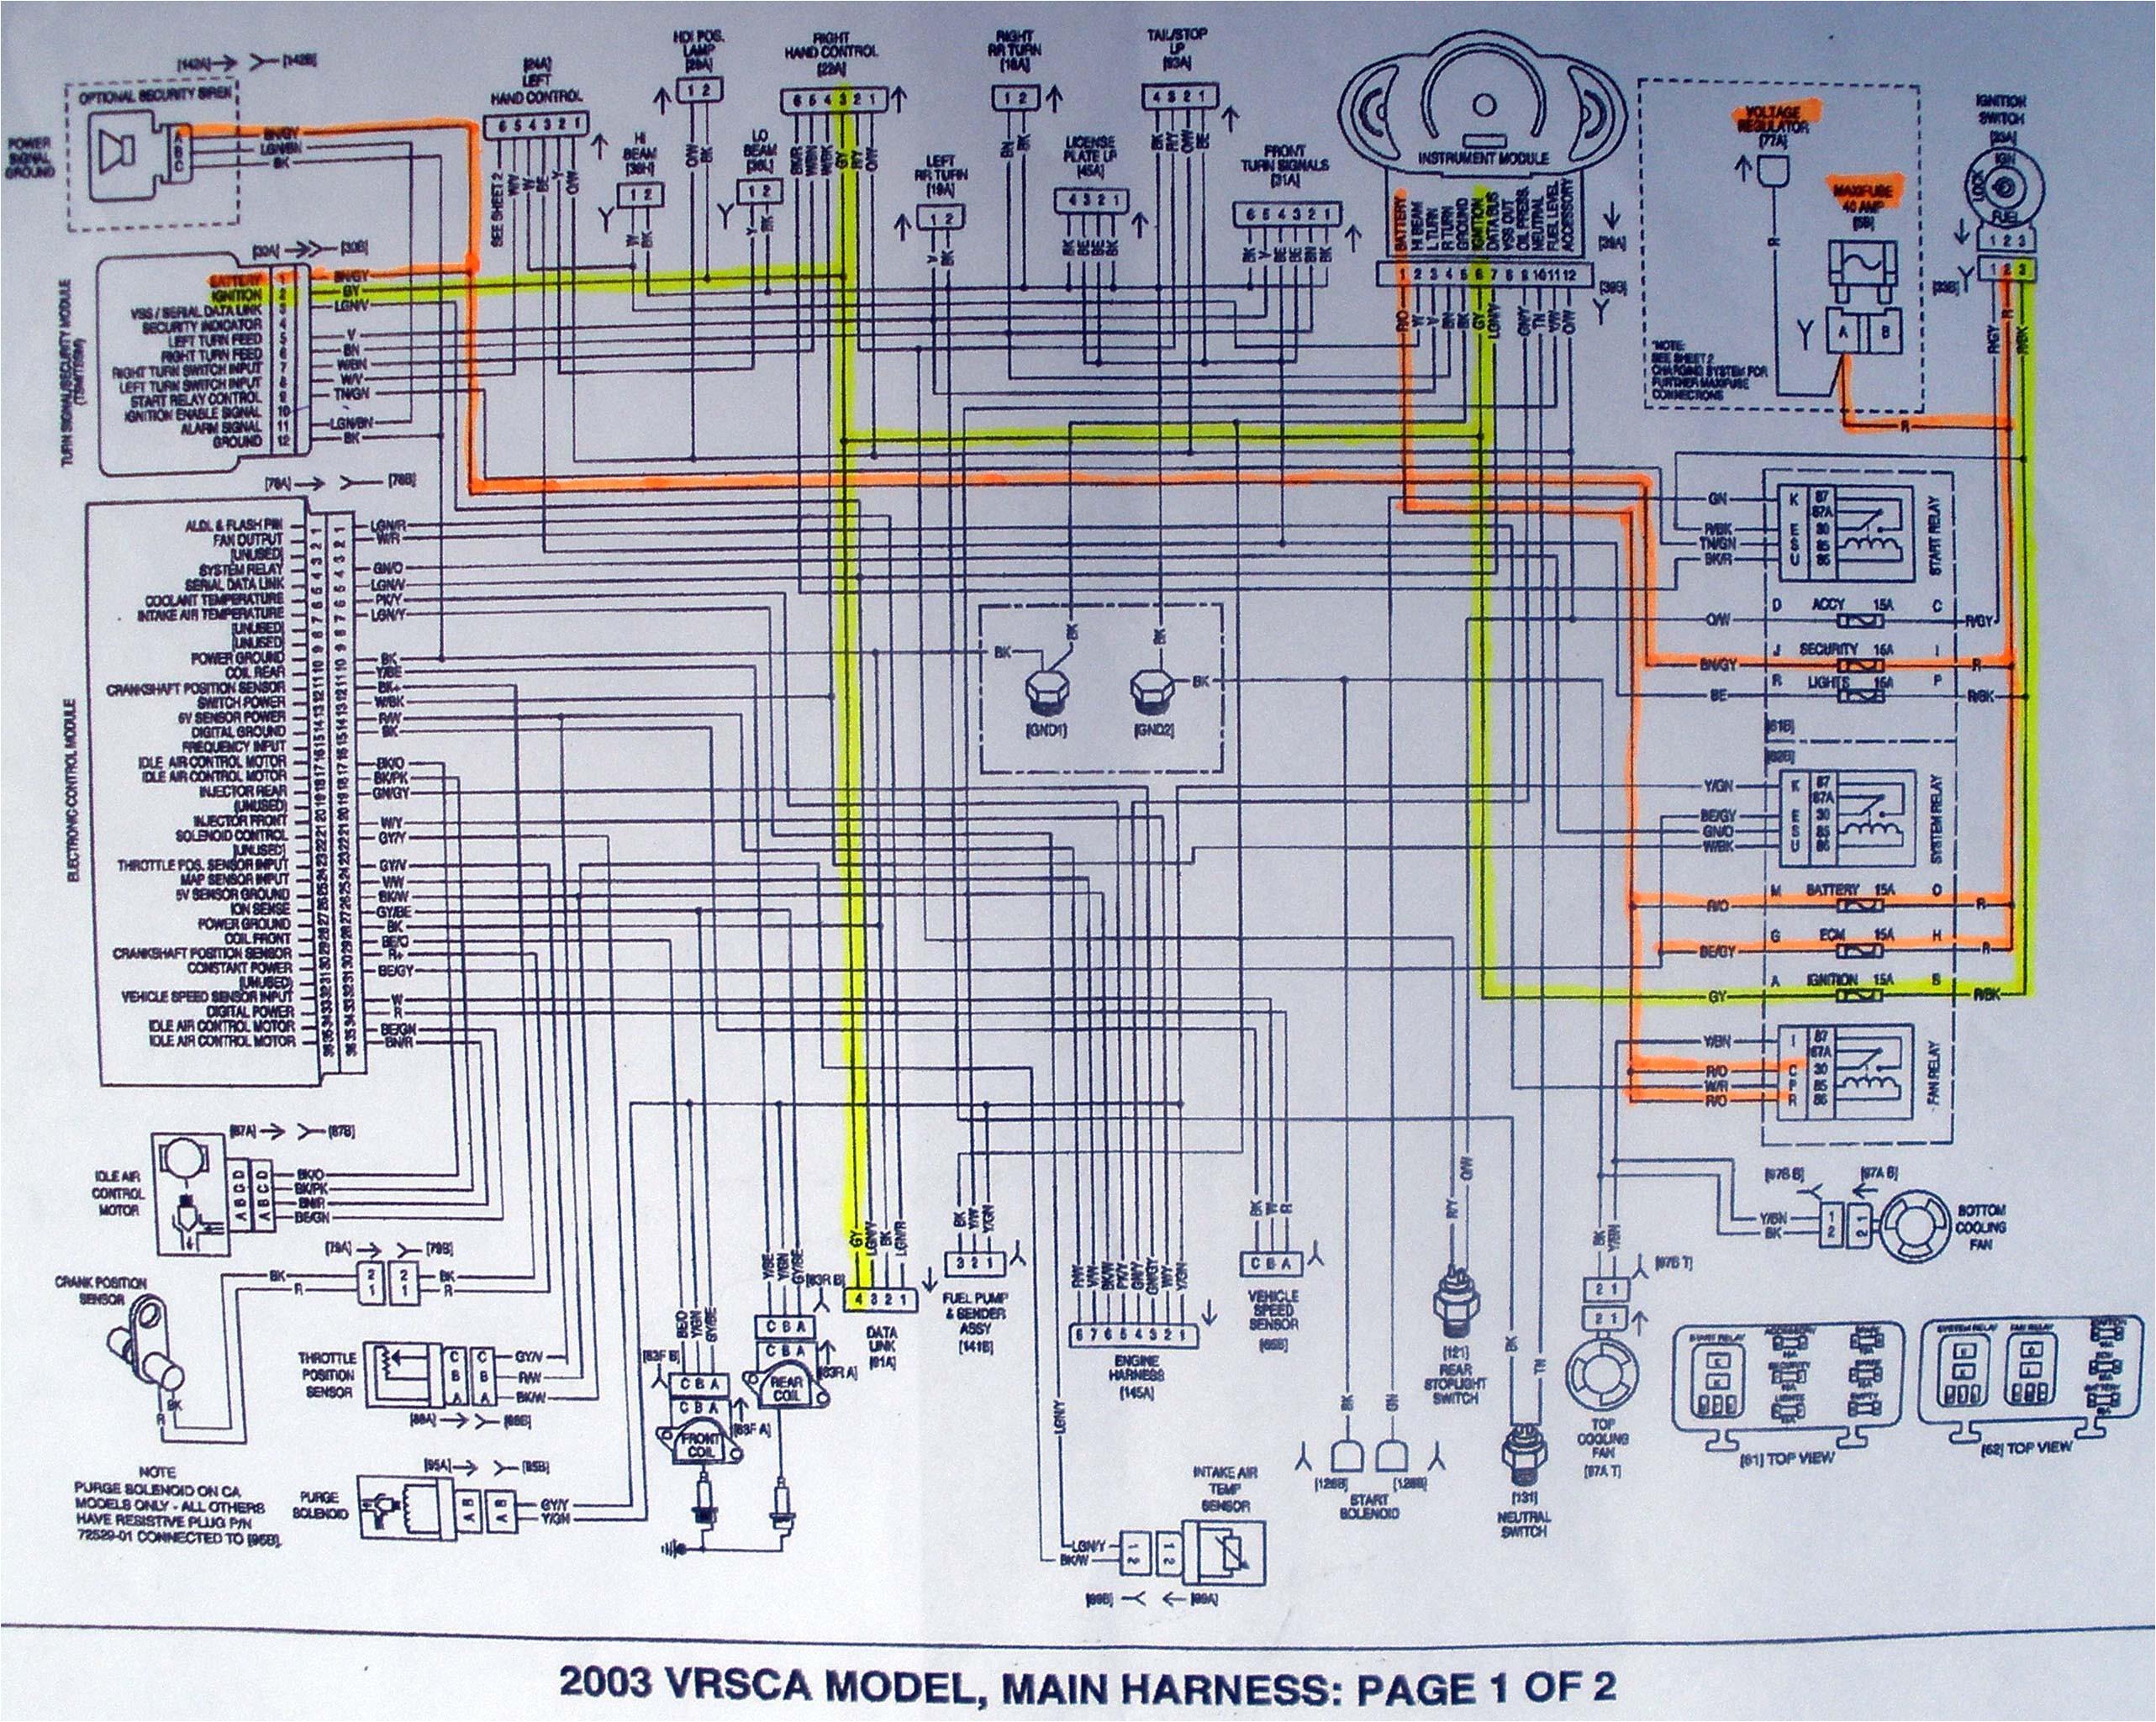 bmw z3 wiring diagram free wiring diagrams bmw z3 wiring diagram pdf